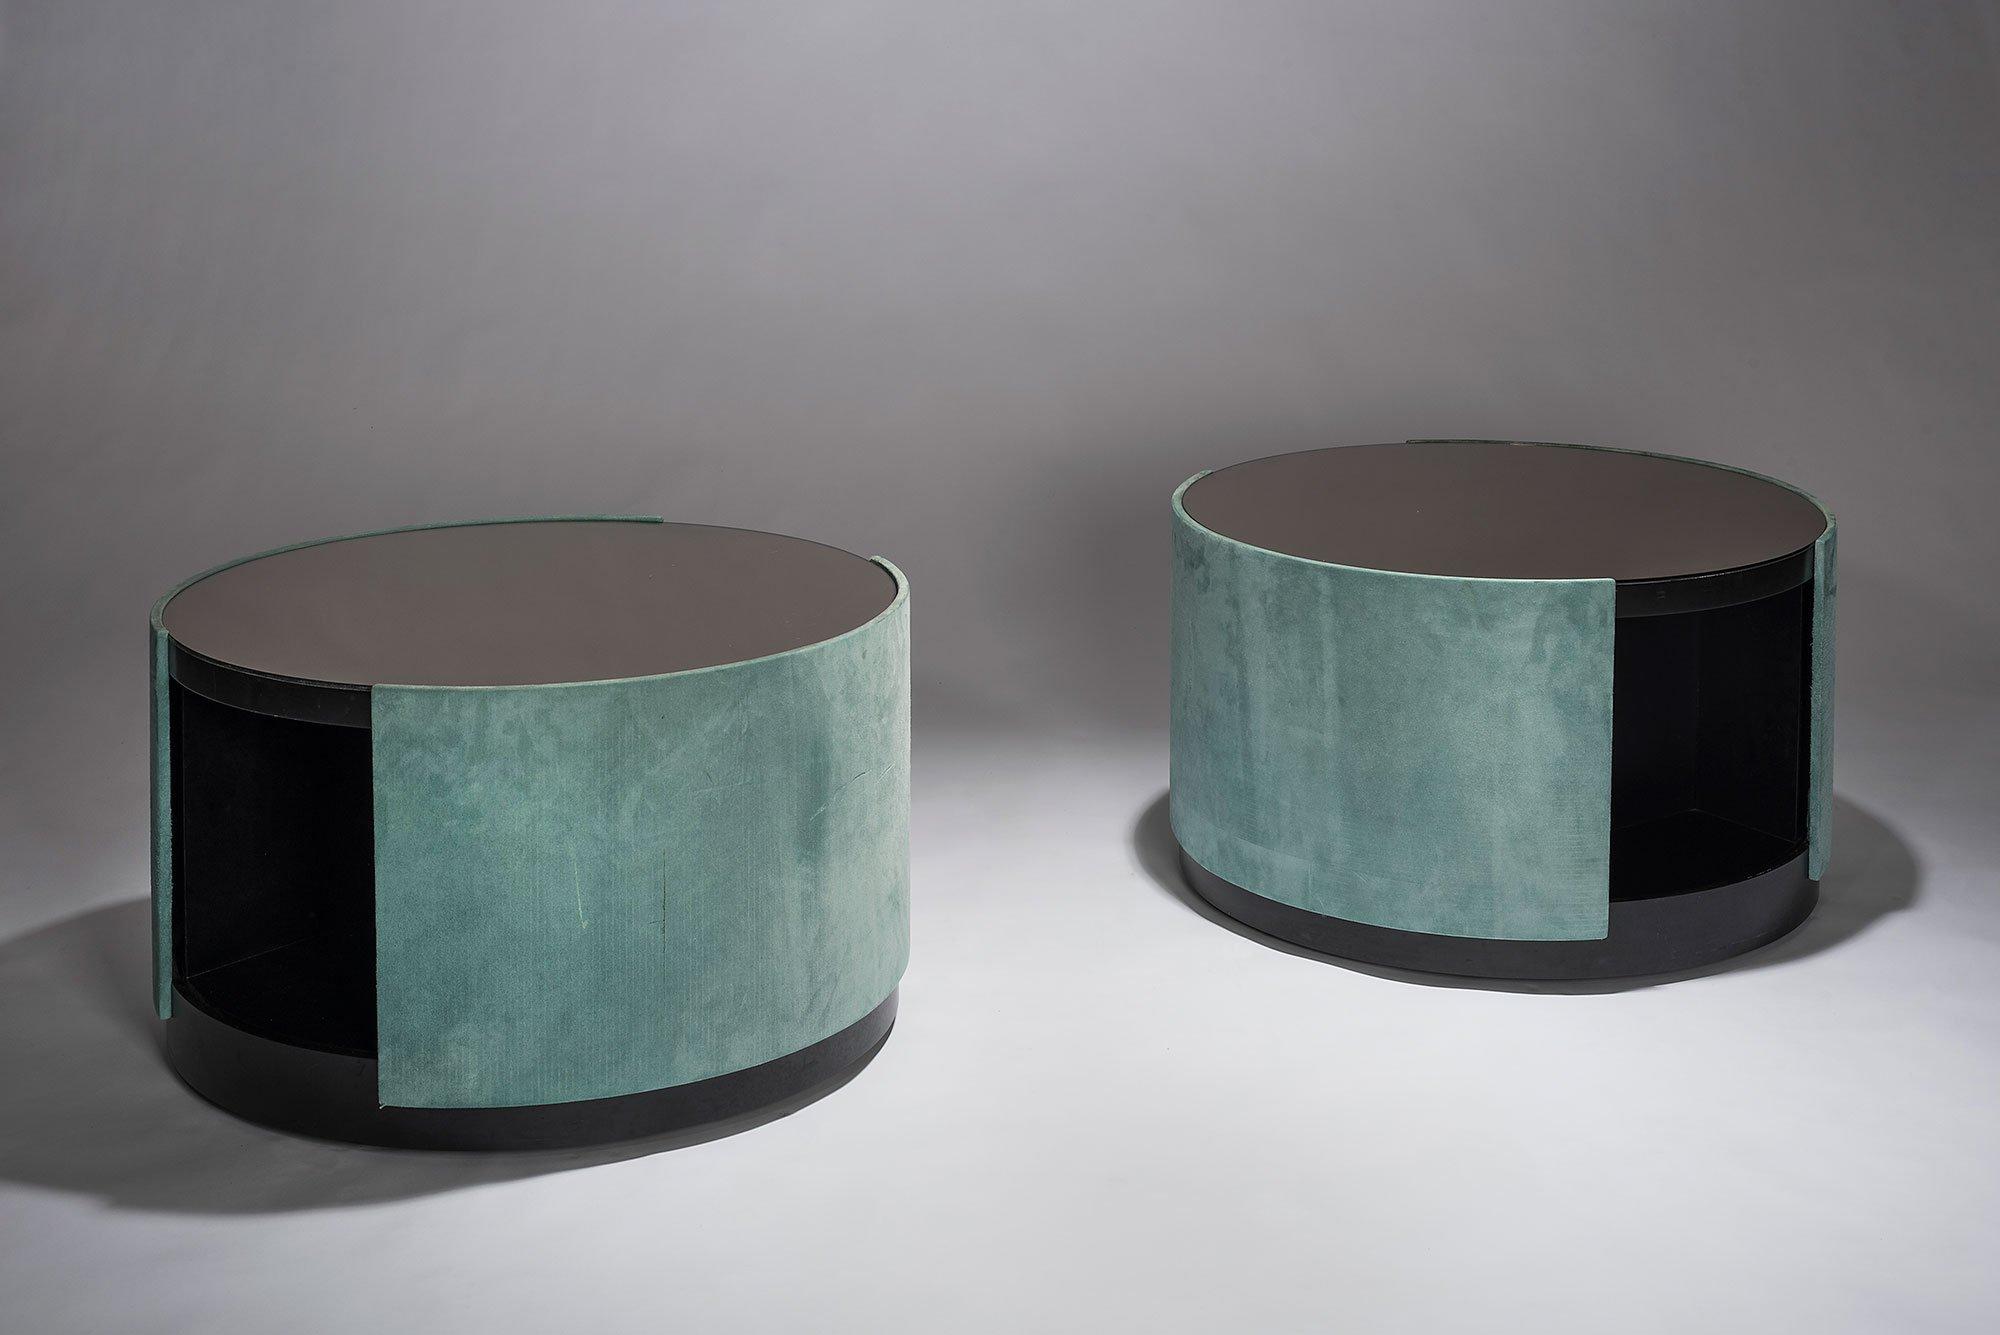 Osvaldo and Valeria Borsani  |   Pair of unique occasional tables